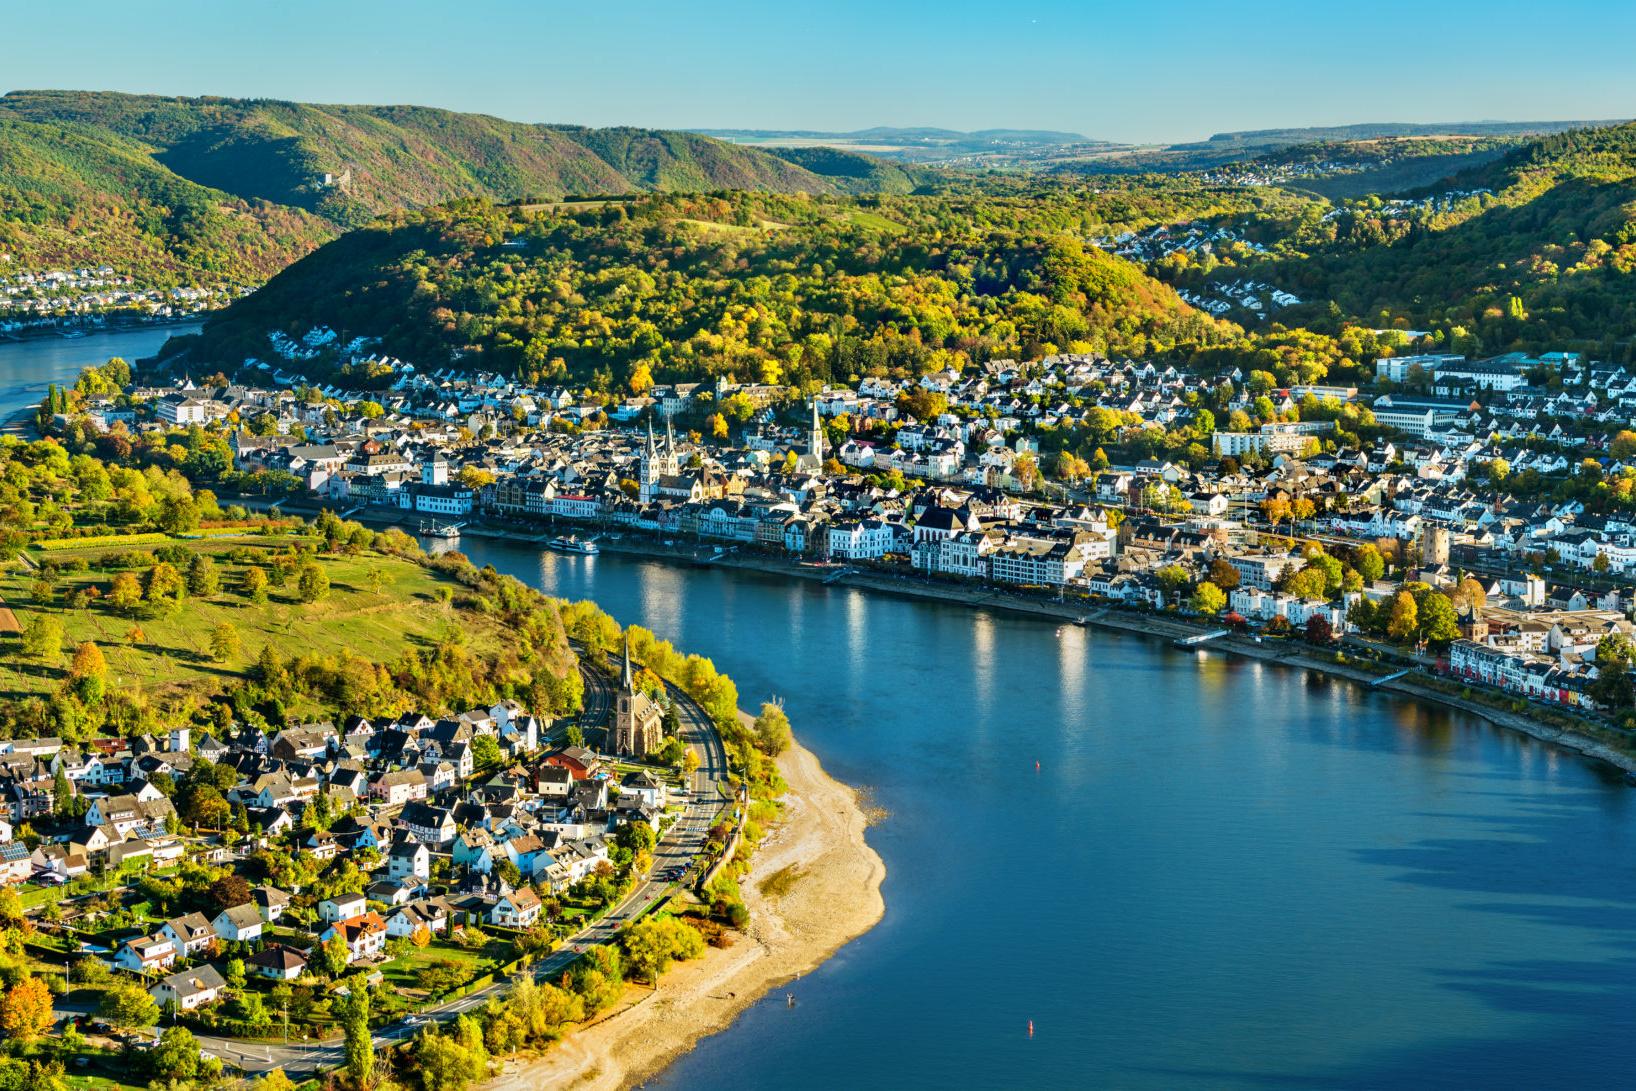 Sommerurlaub Westdeutschland: Rhein bei Boppard und Filsen